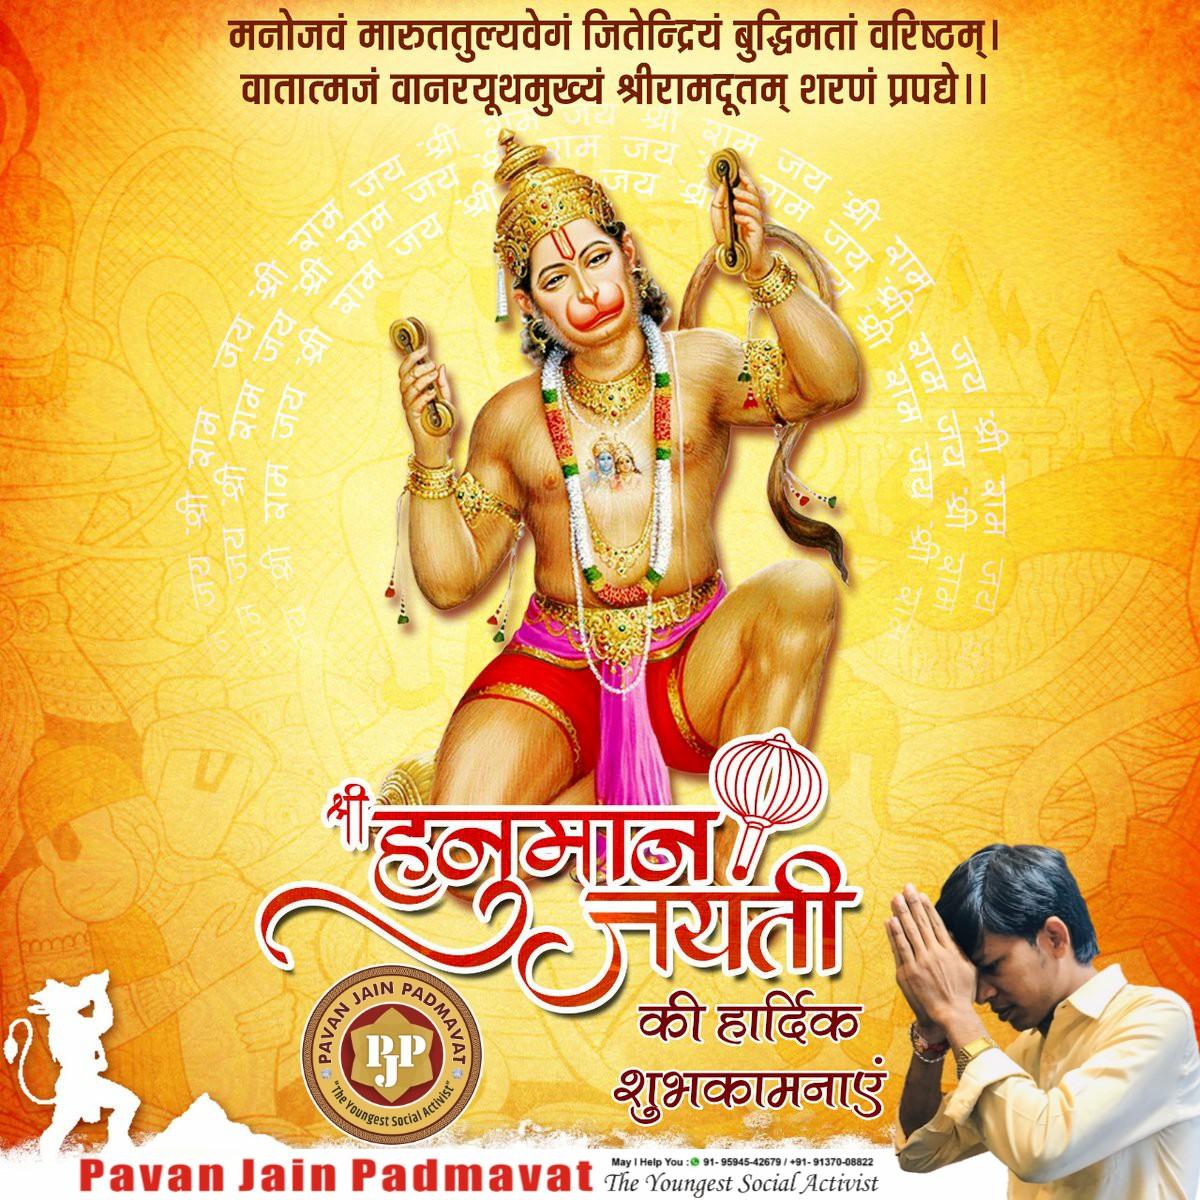 श्री हमुमान जयंती की हार्दिक शुभकामनाएं।